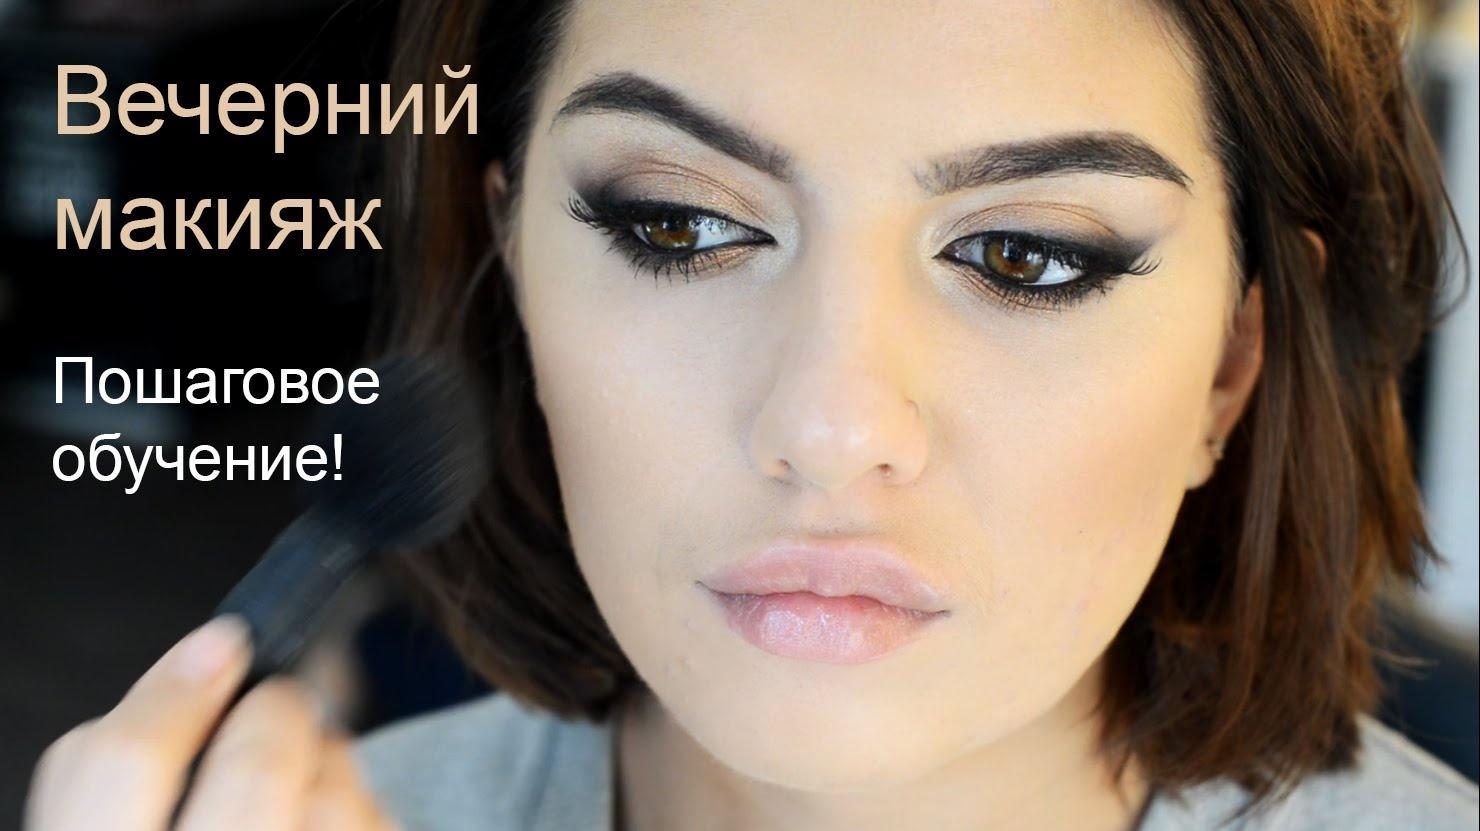 Смотреть пошаговое макияжа